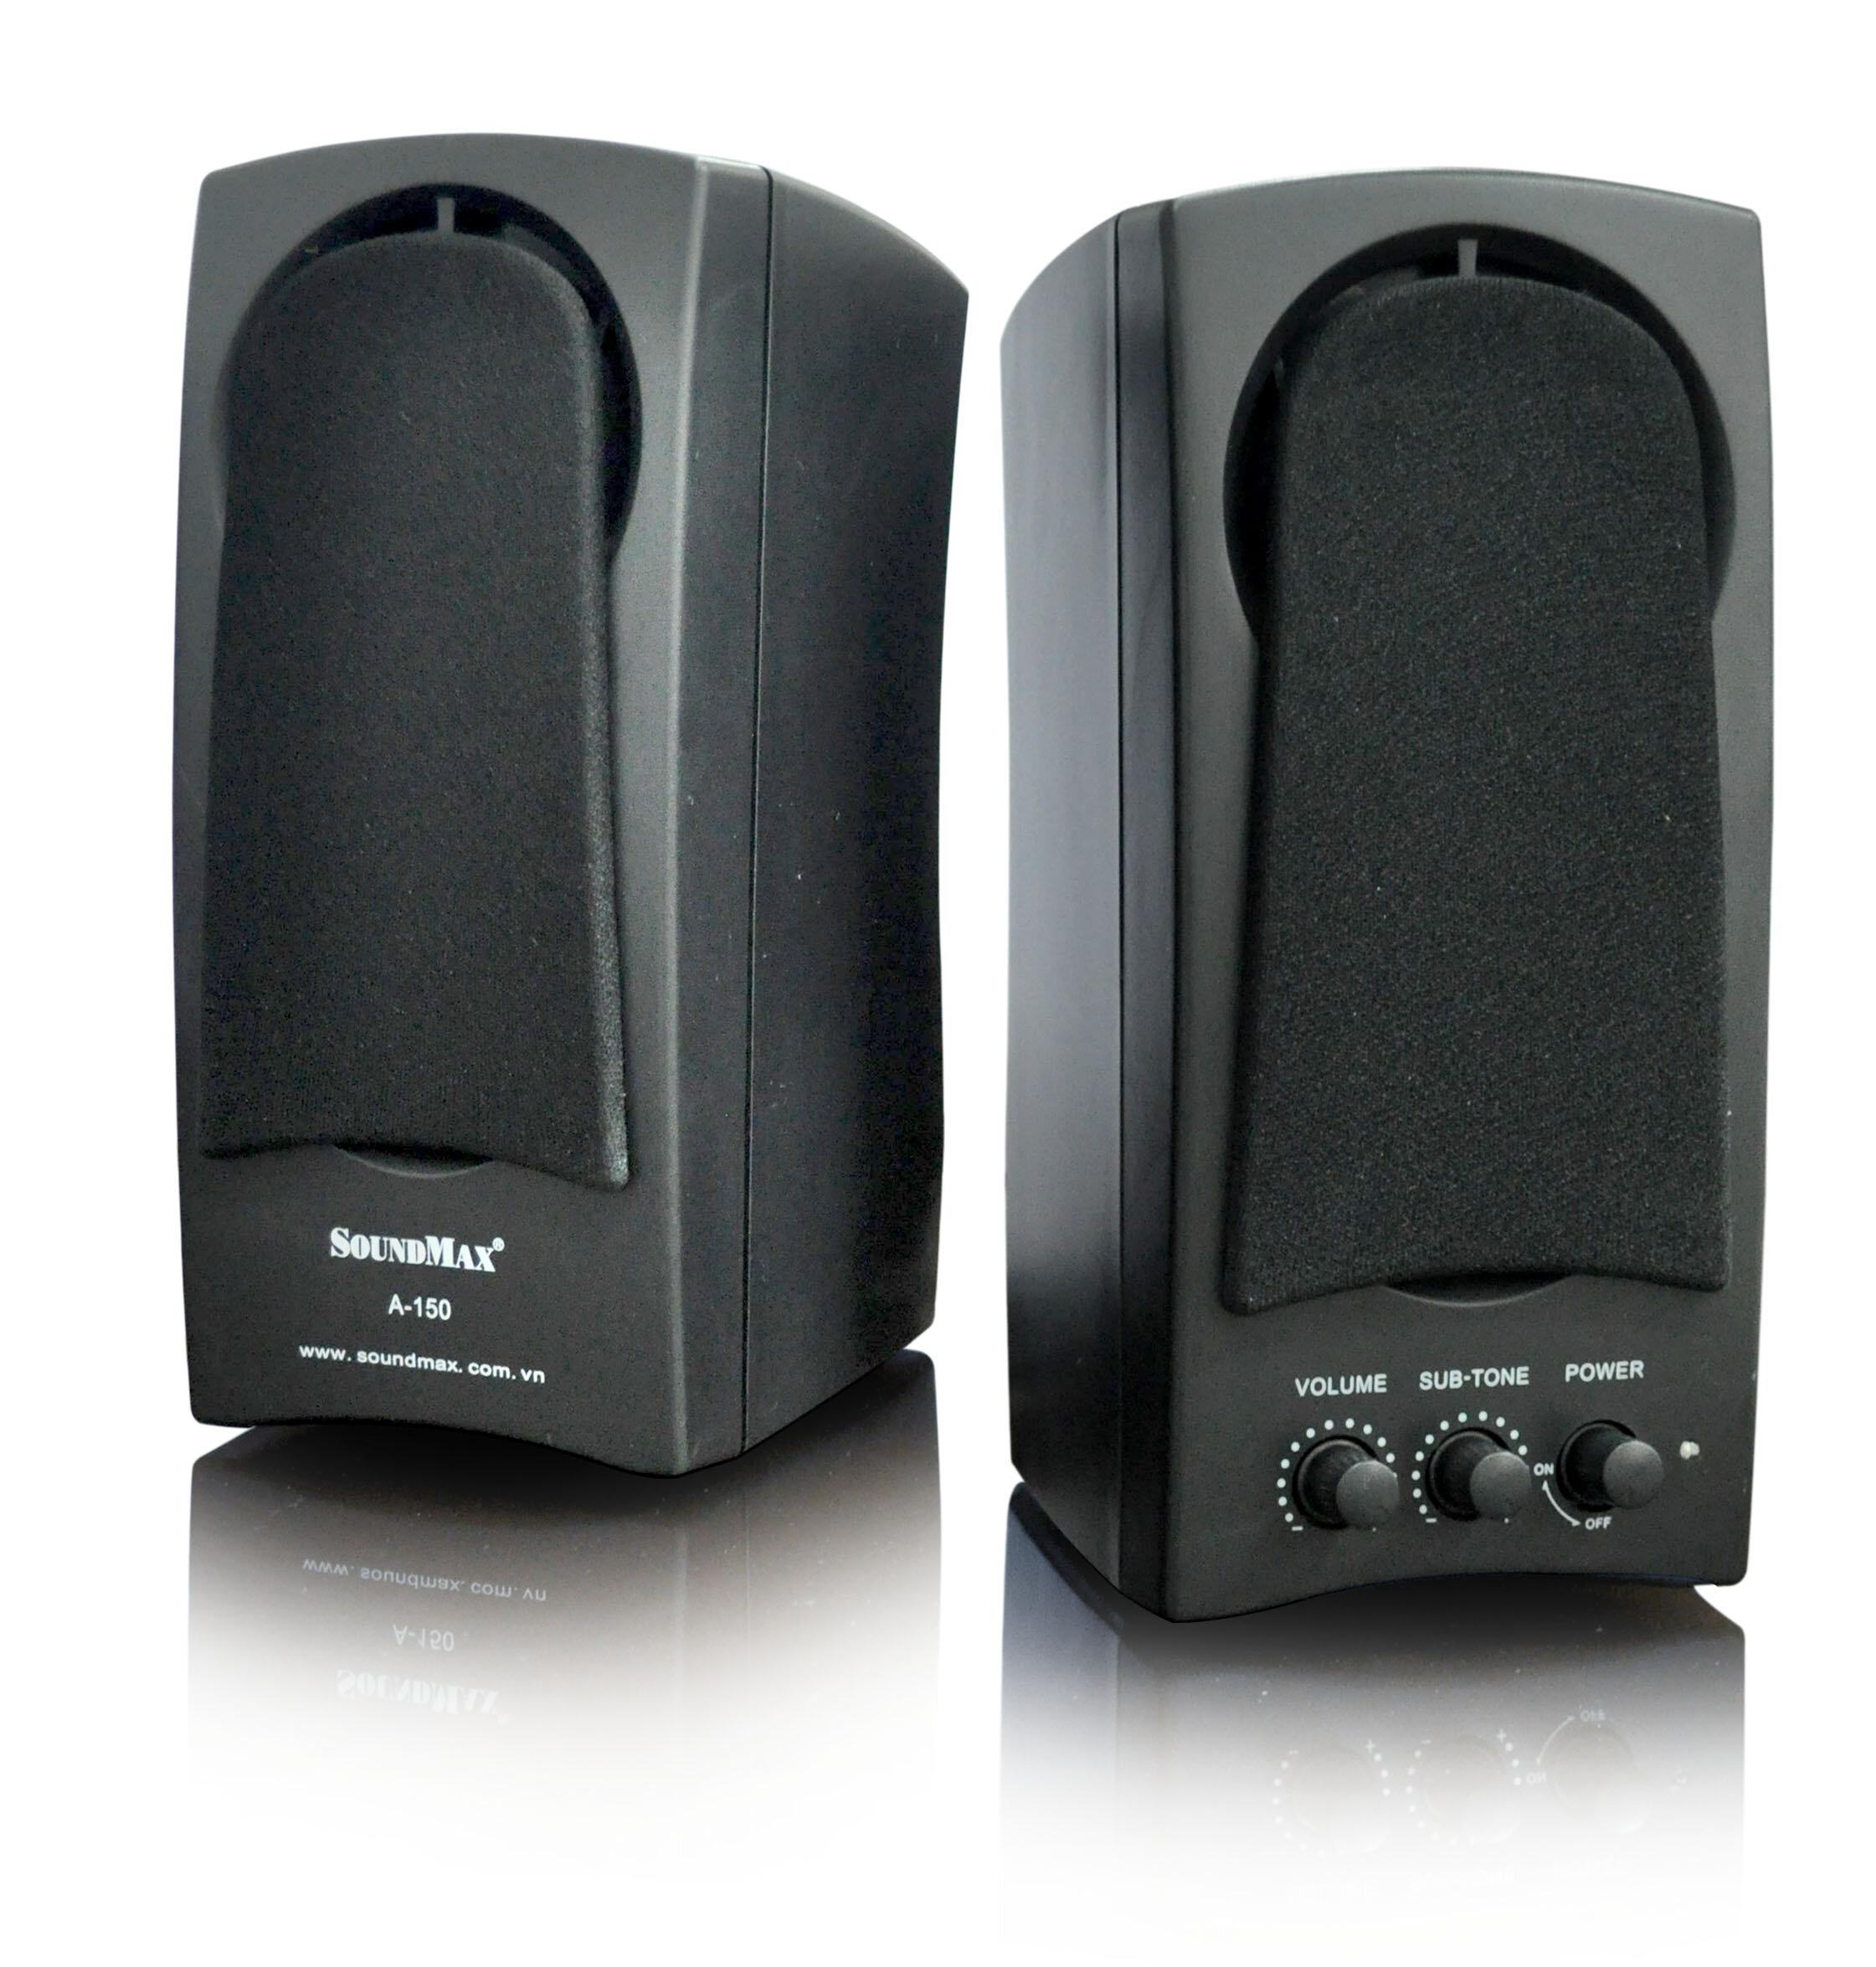 Đánh giá loa SoundMax A150 – giải pháp âm thanh cho không gian giải trí